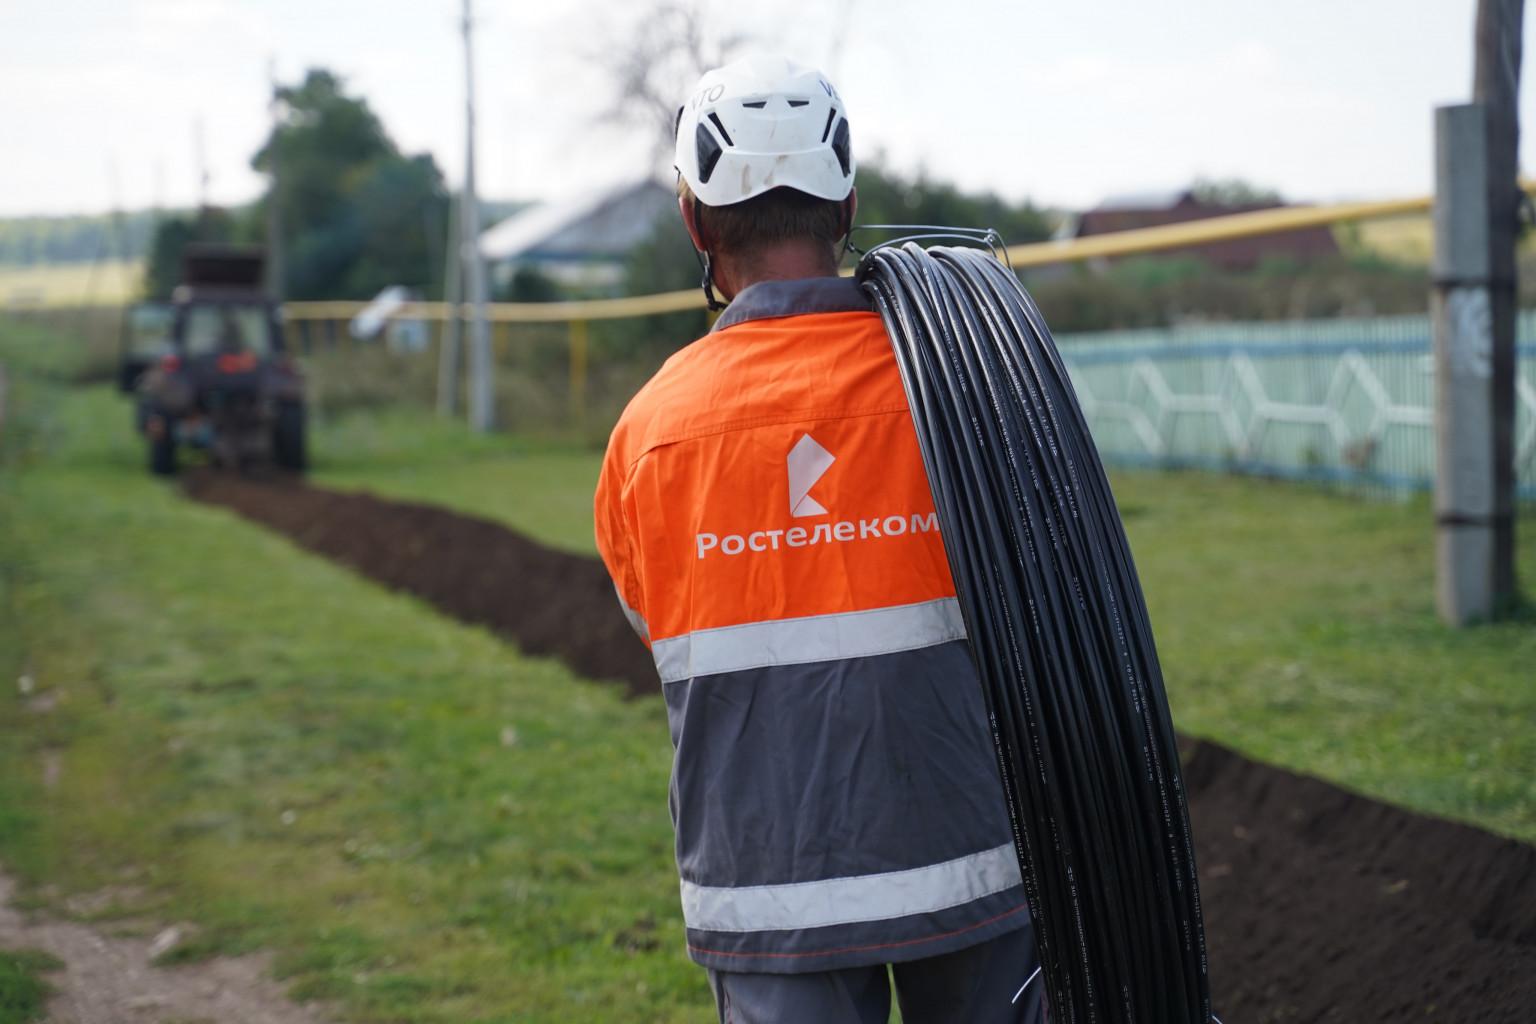 Высокоскоростной интернет от «Ростелекома» пришел в Медвенку (Курская область) 1